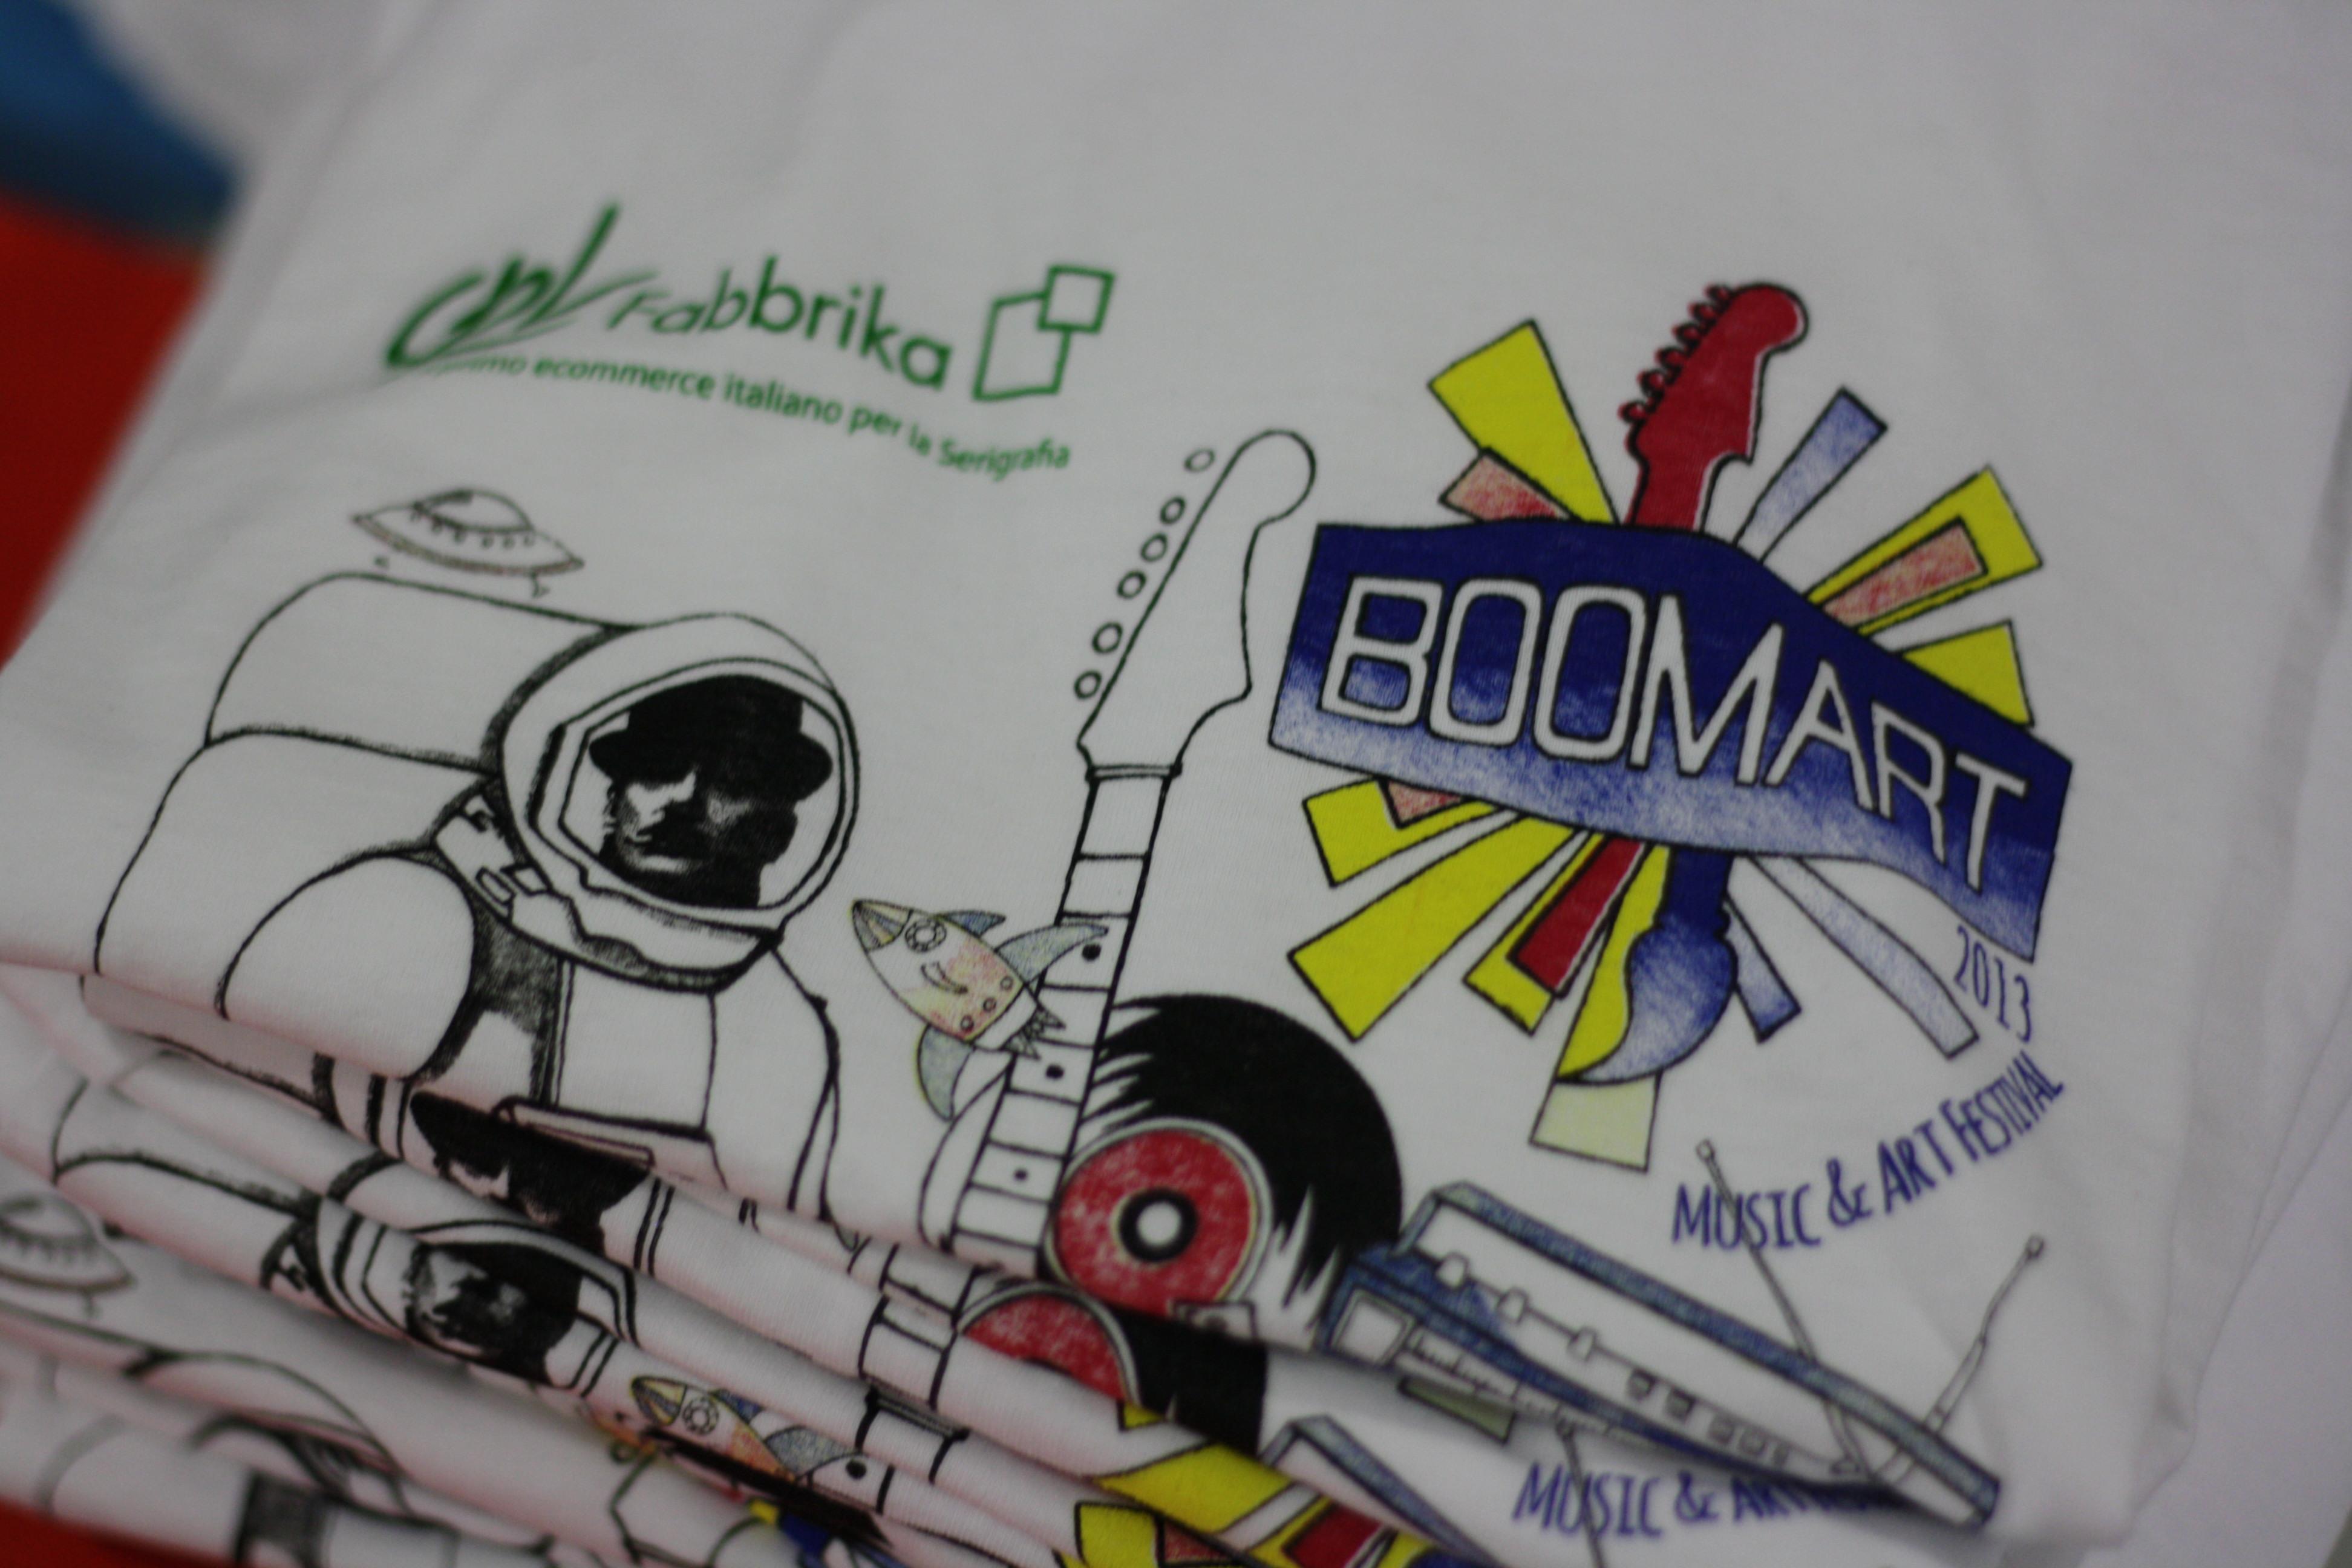 Boomart Festival stampa magliette